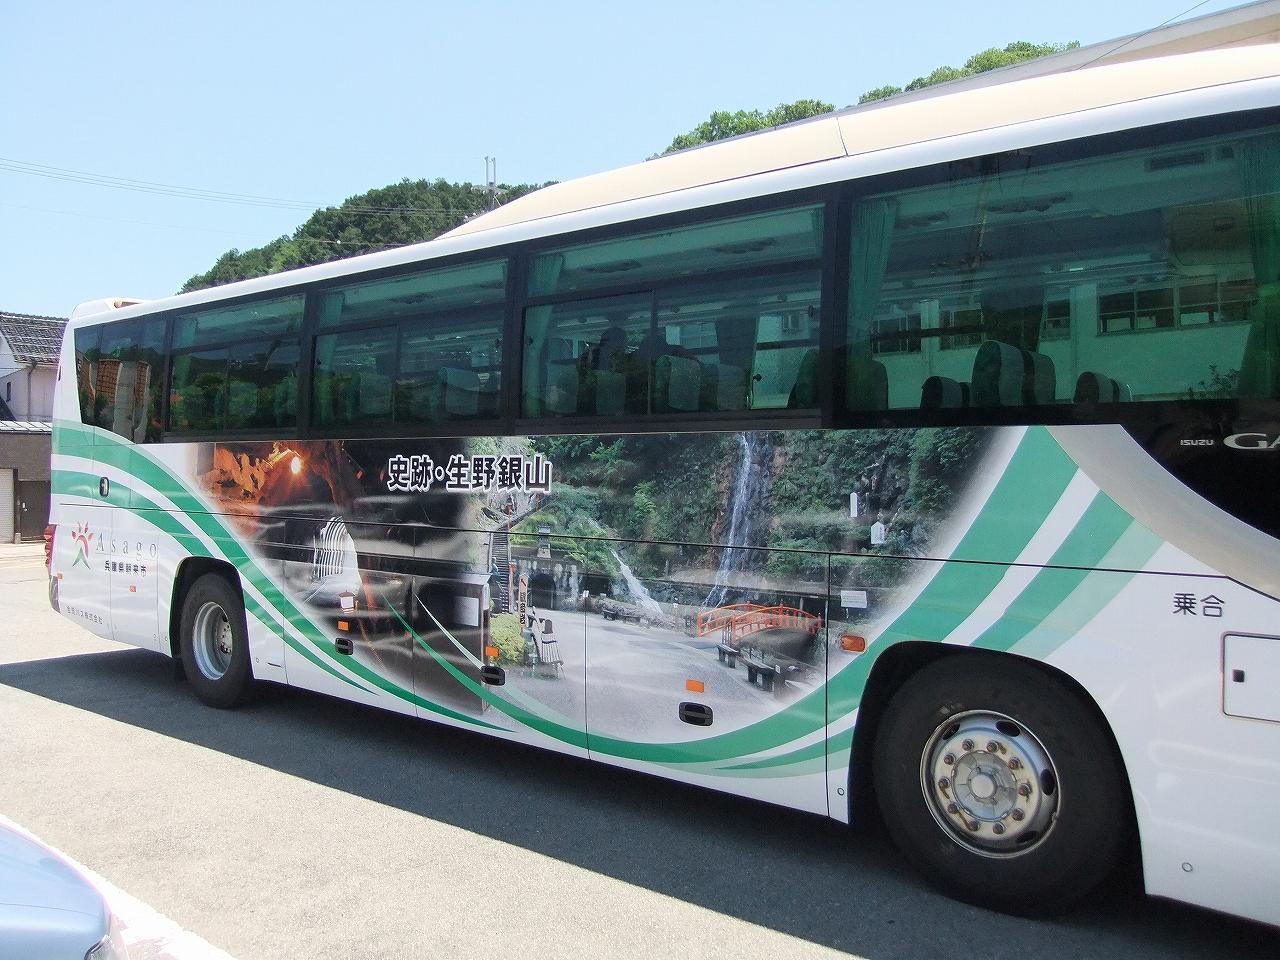 朝来市観光PR特急バス(ラッピングバス)運行